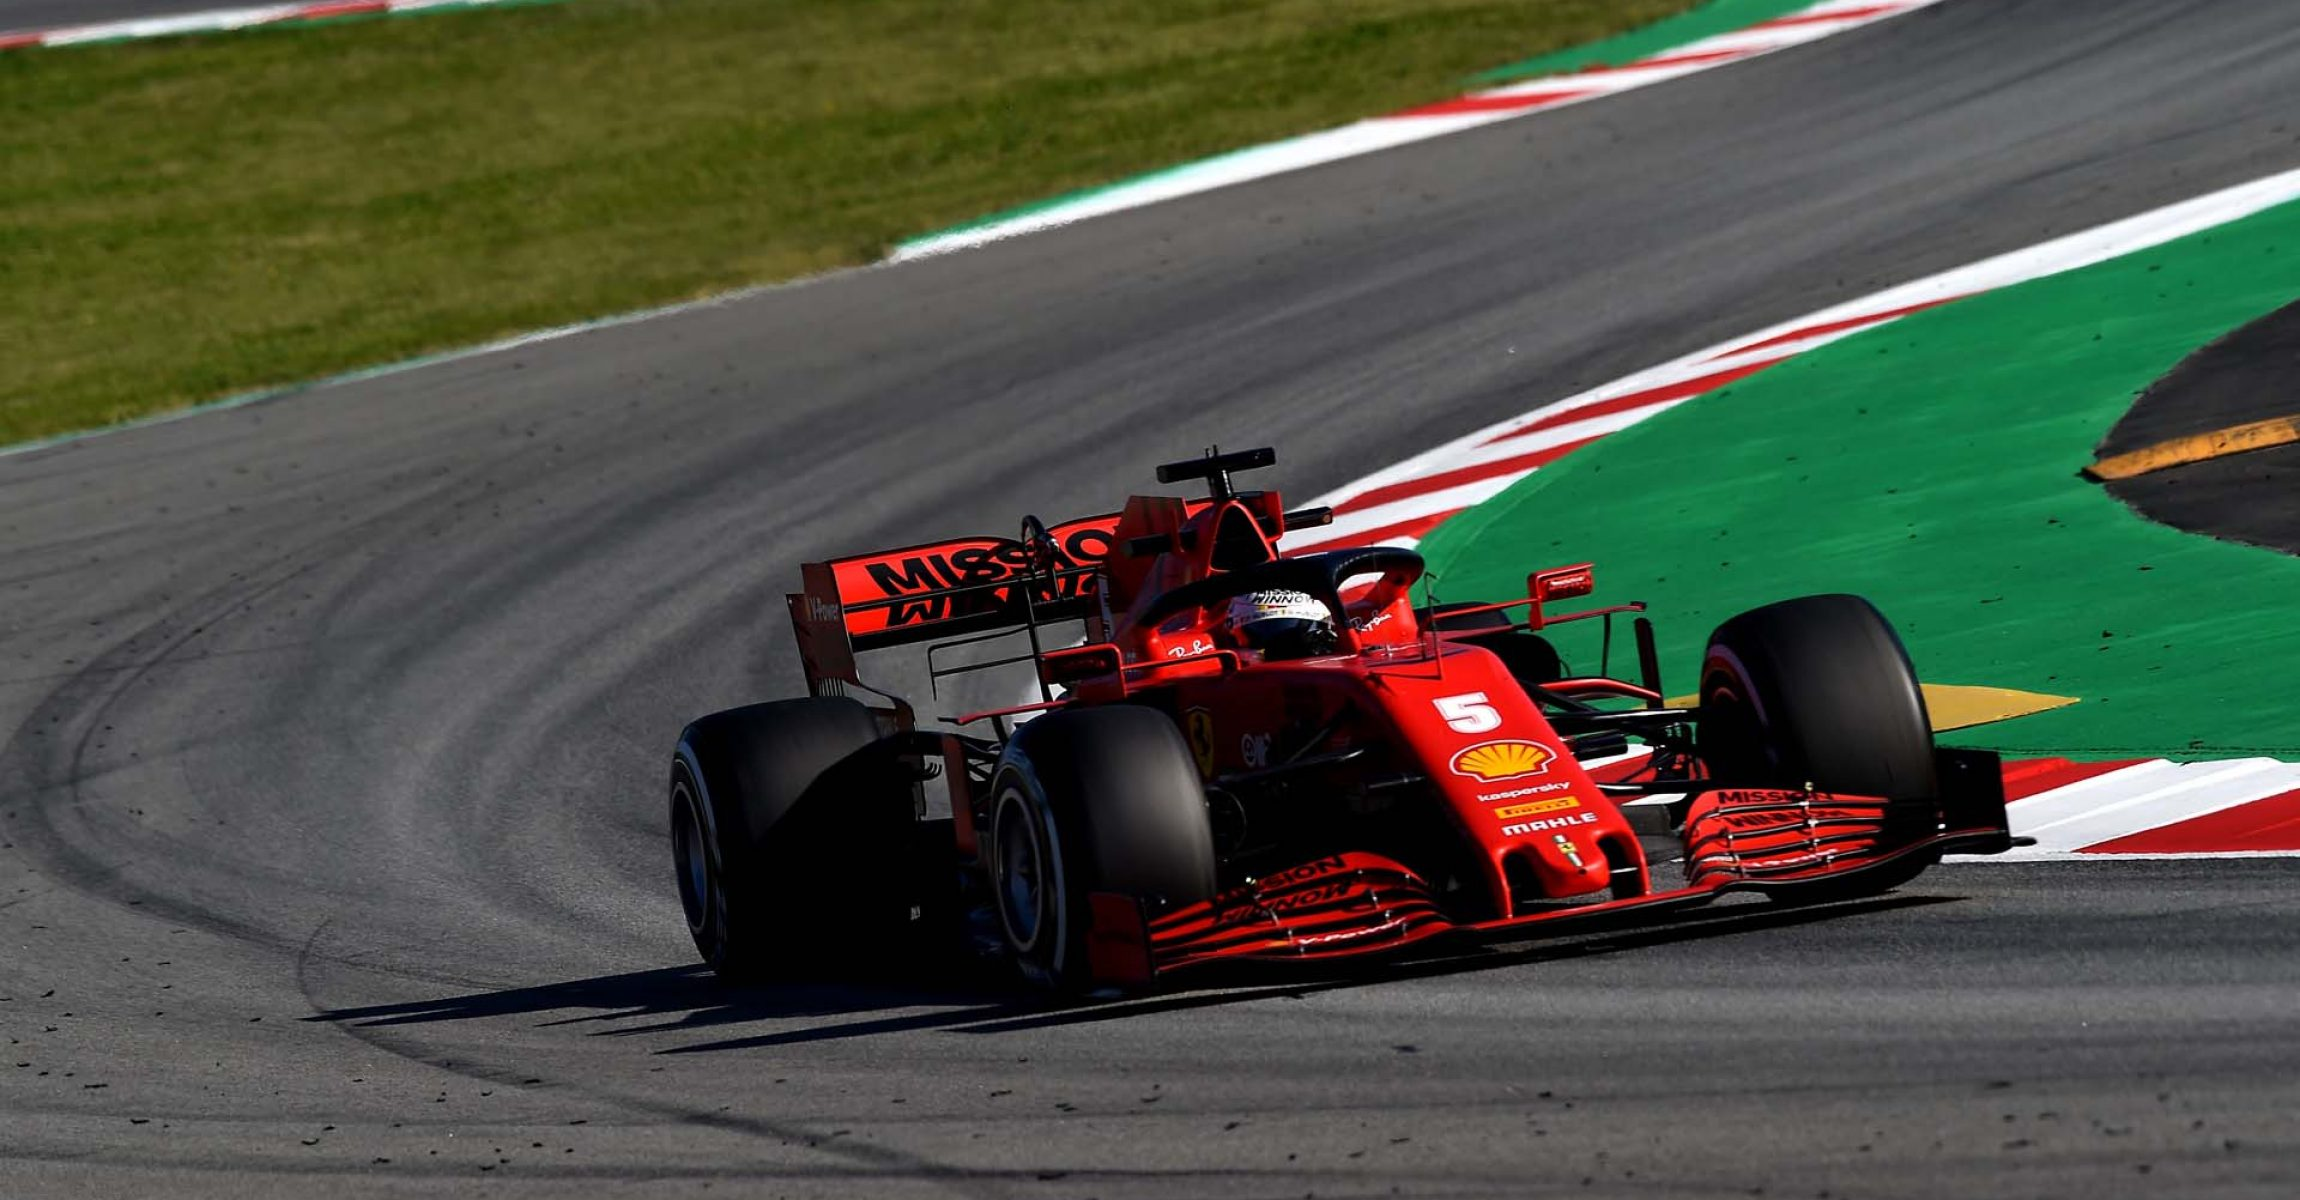 TEST T1 BARCELLONA - GIOVEDì 20/02/20 - SEBASTIAN VETTEL Ferrari